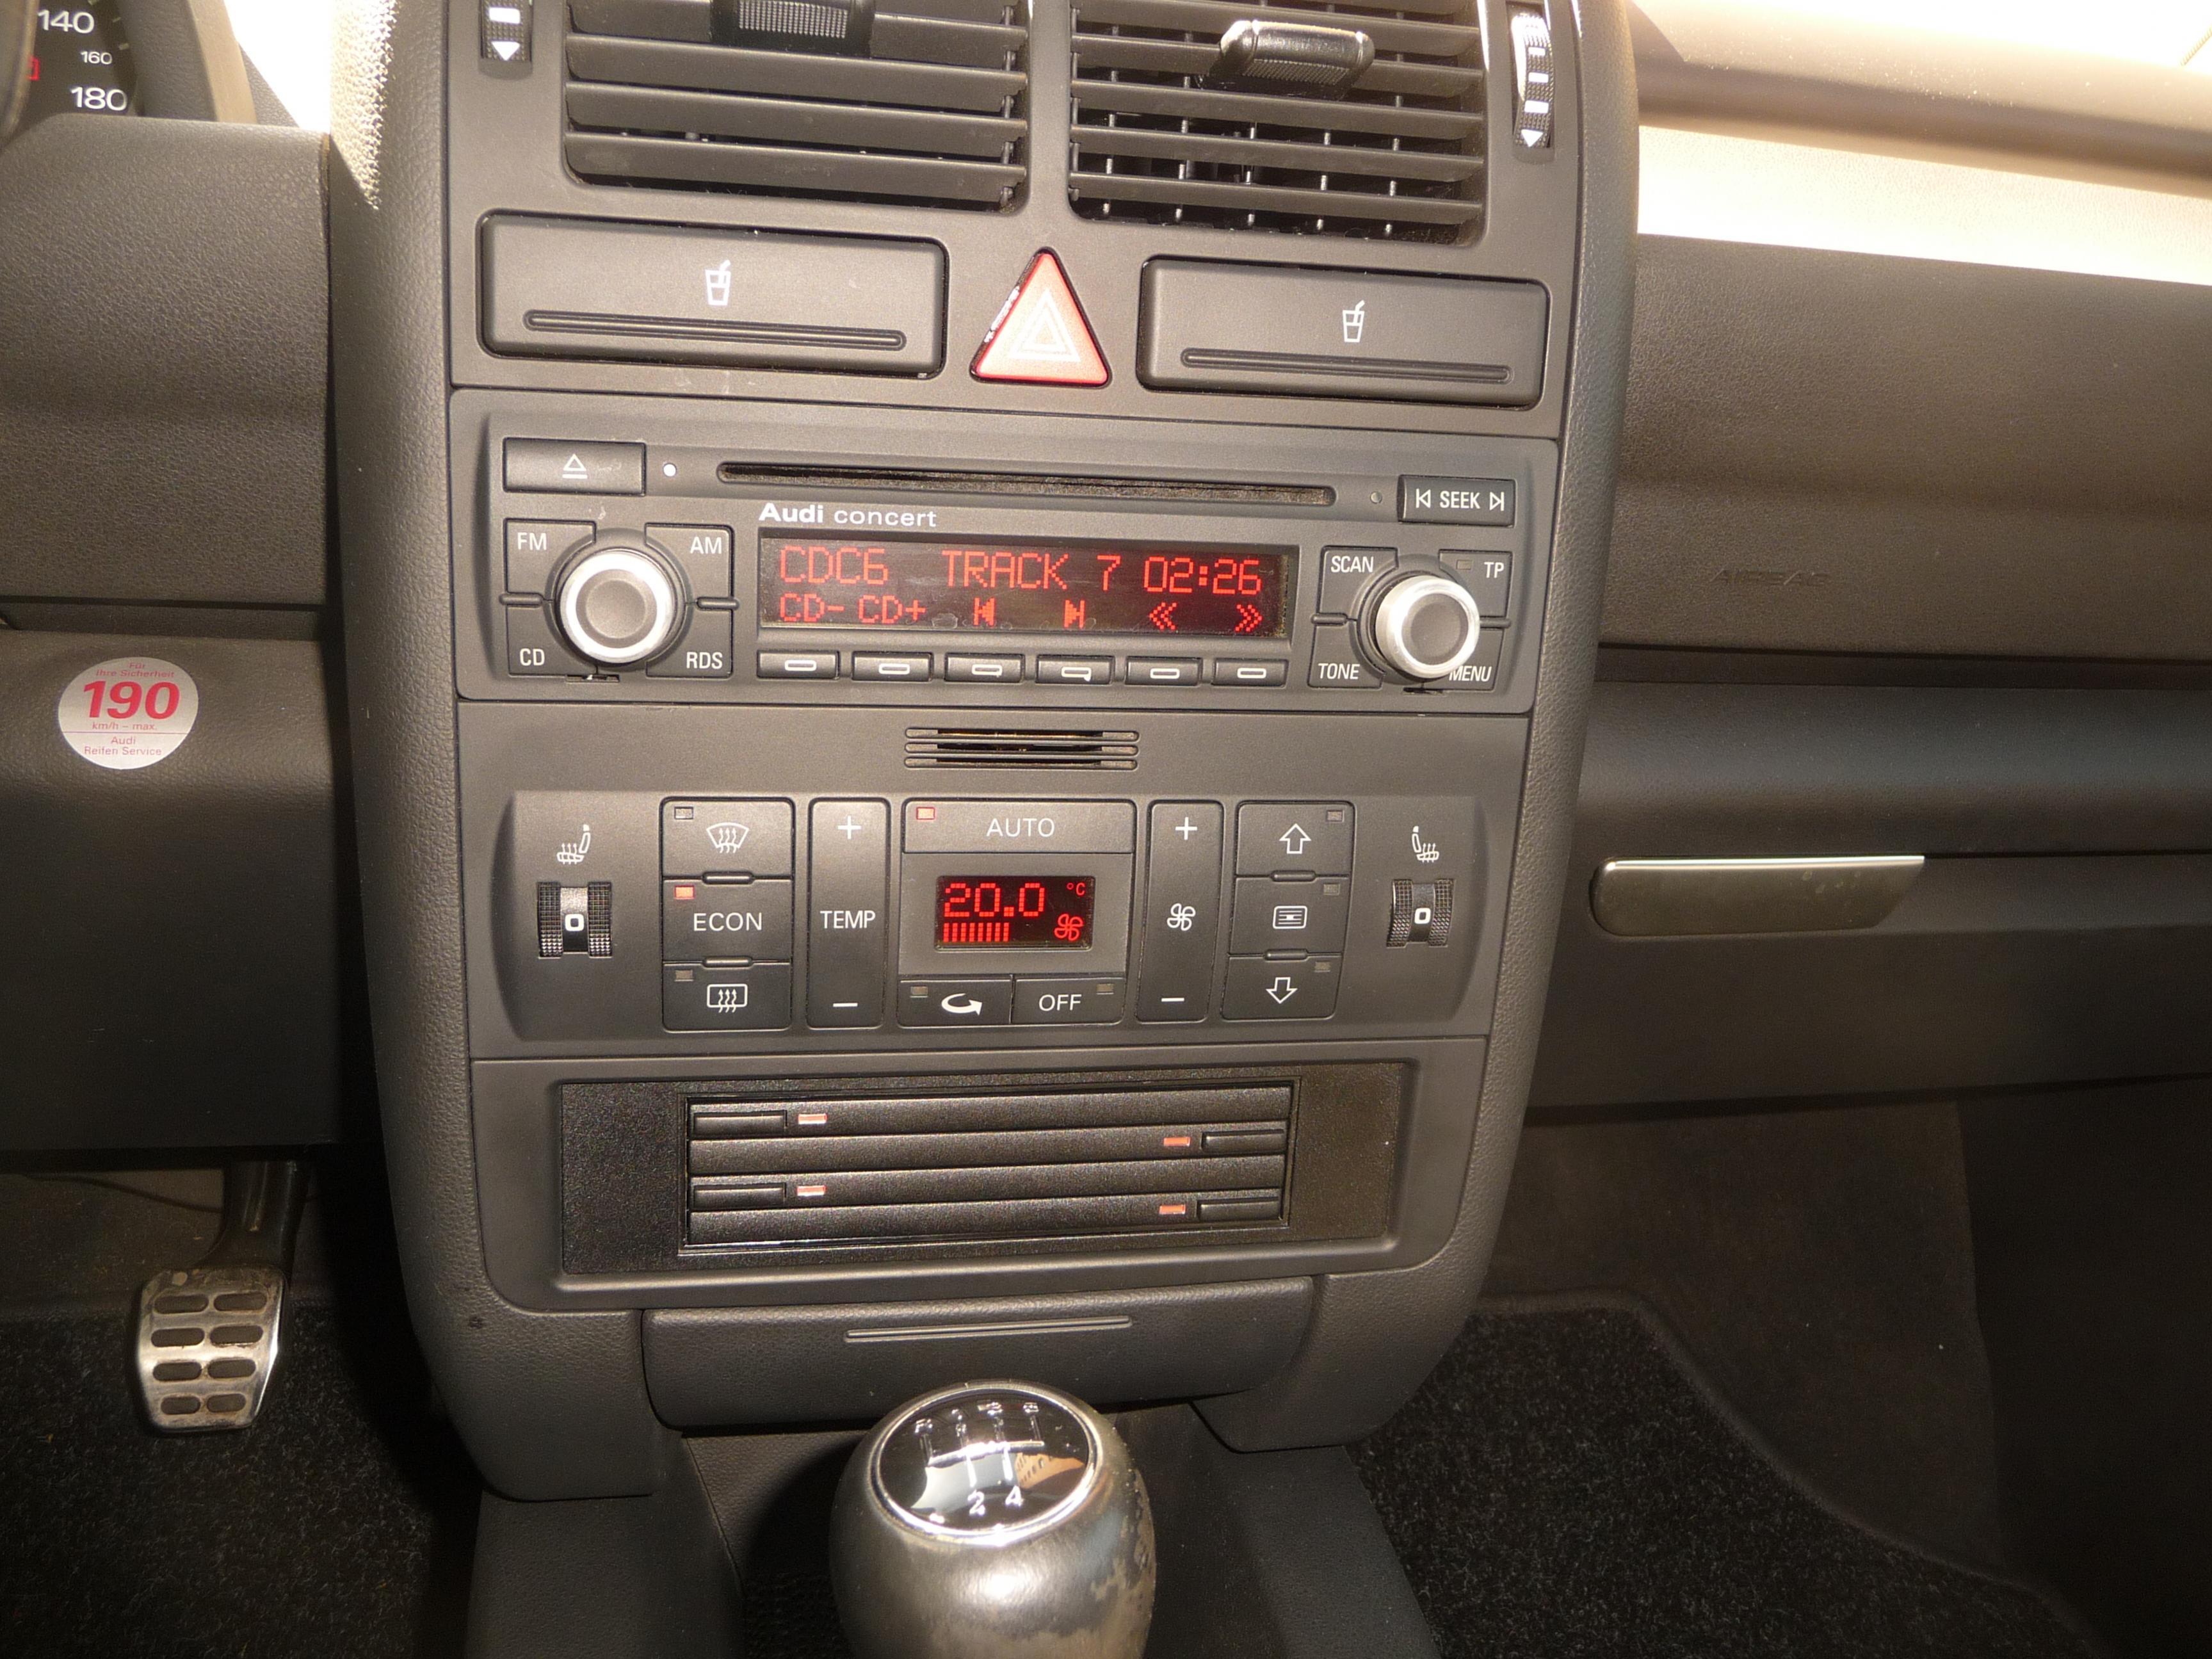 CD-Box.jpg.59ea3a4921f9da209e2b4290dc38db40.jpg